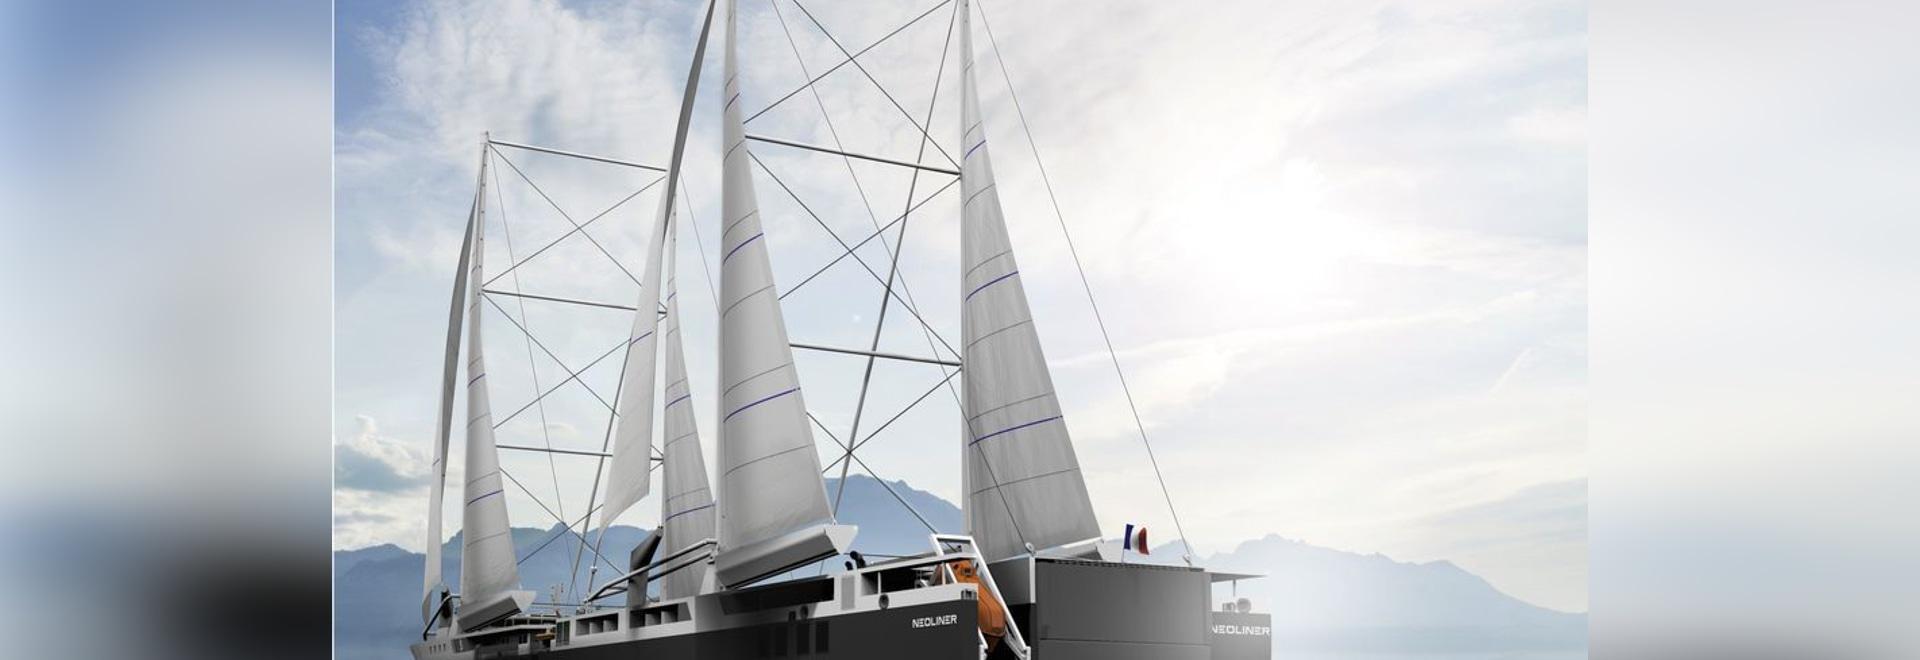 Partner di Neoline e di Renault per sviluppare le navi da carico sostenibile alimentate